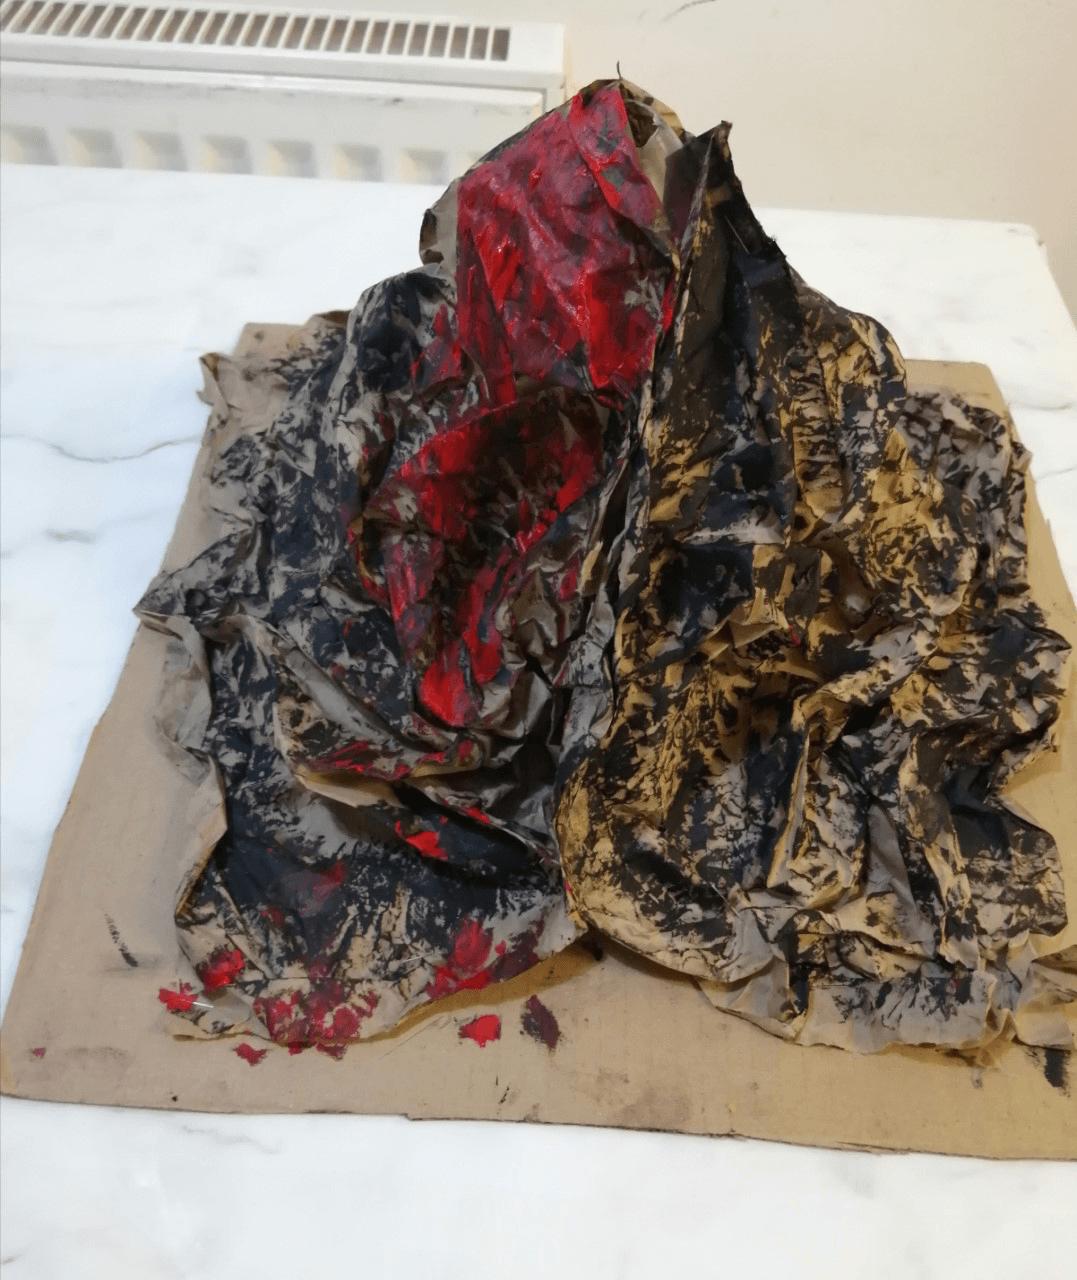 Hire's Volcano